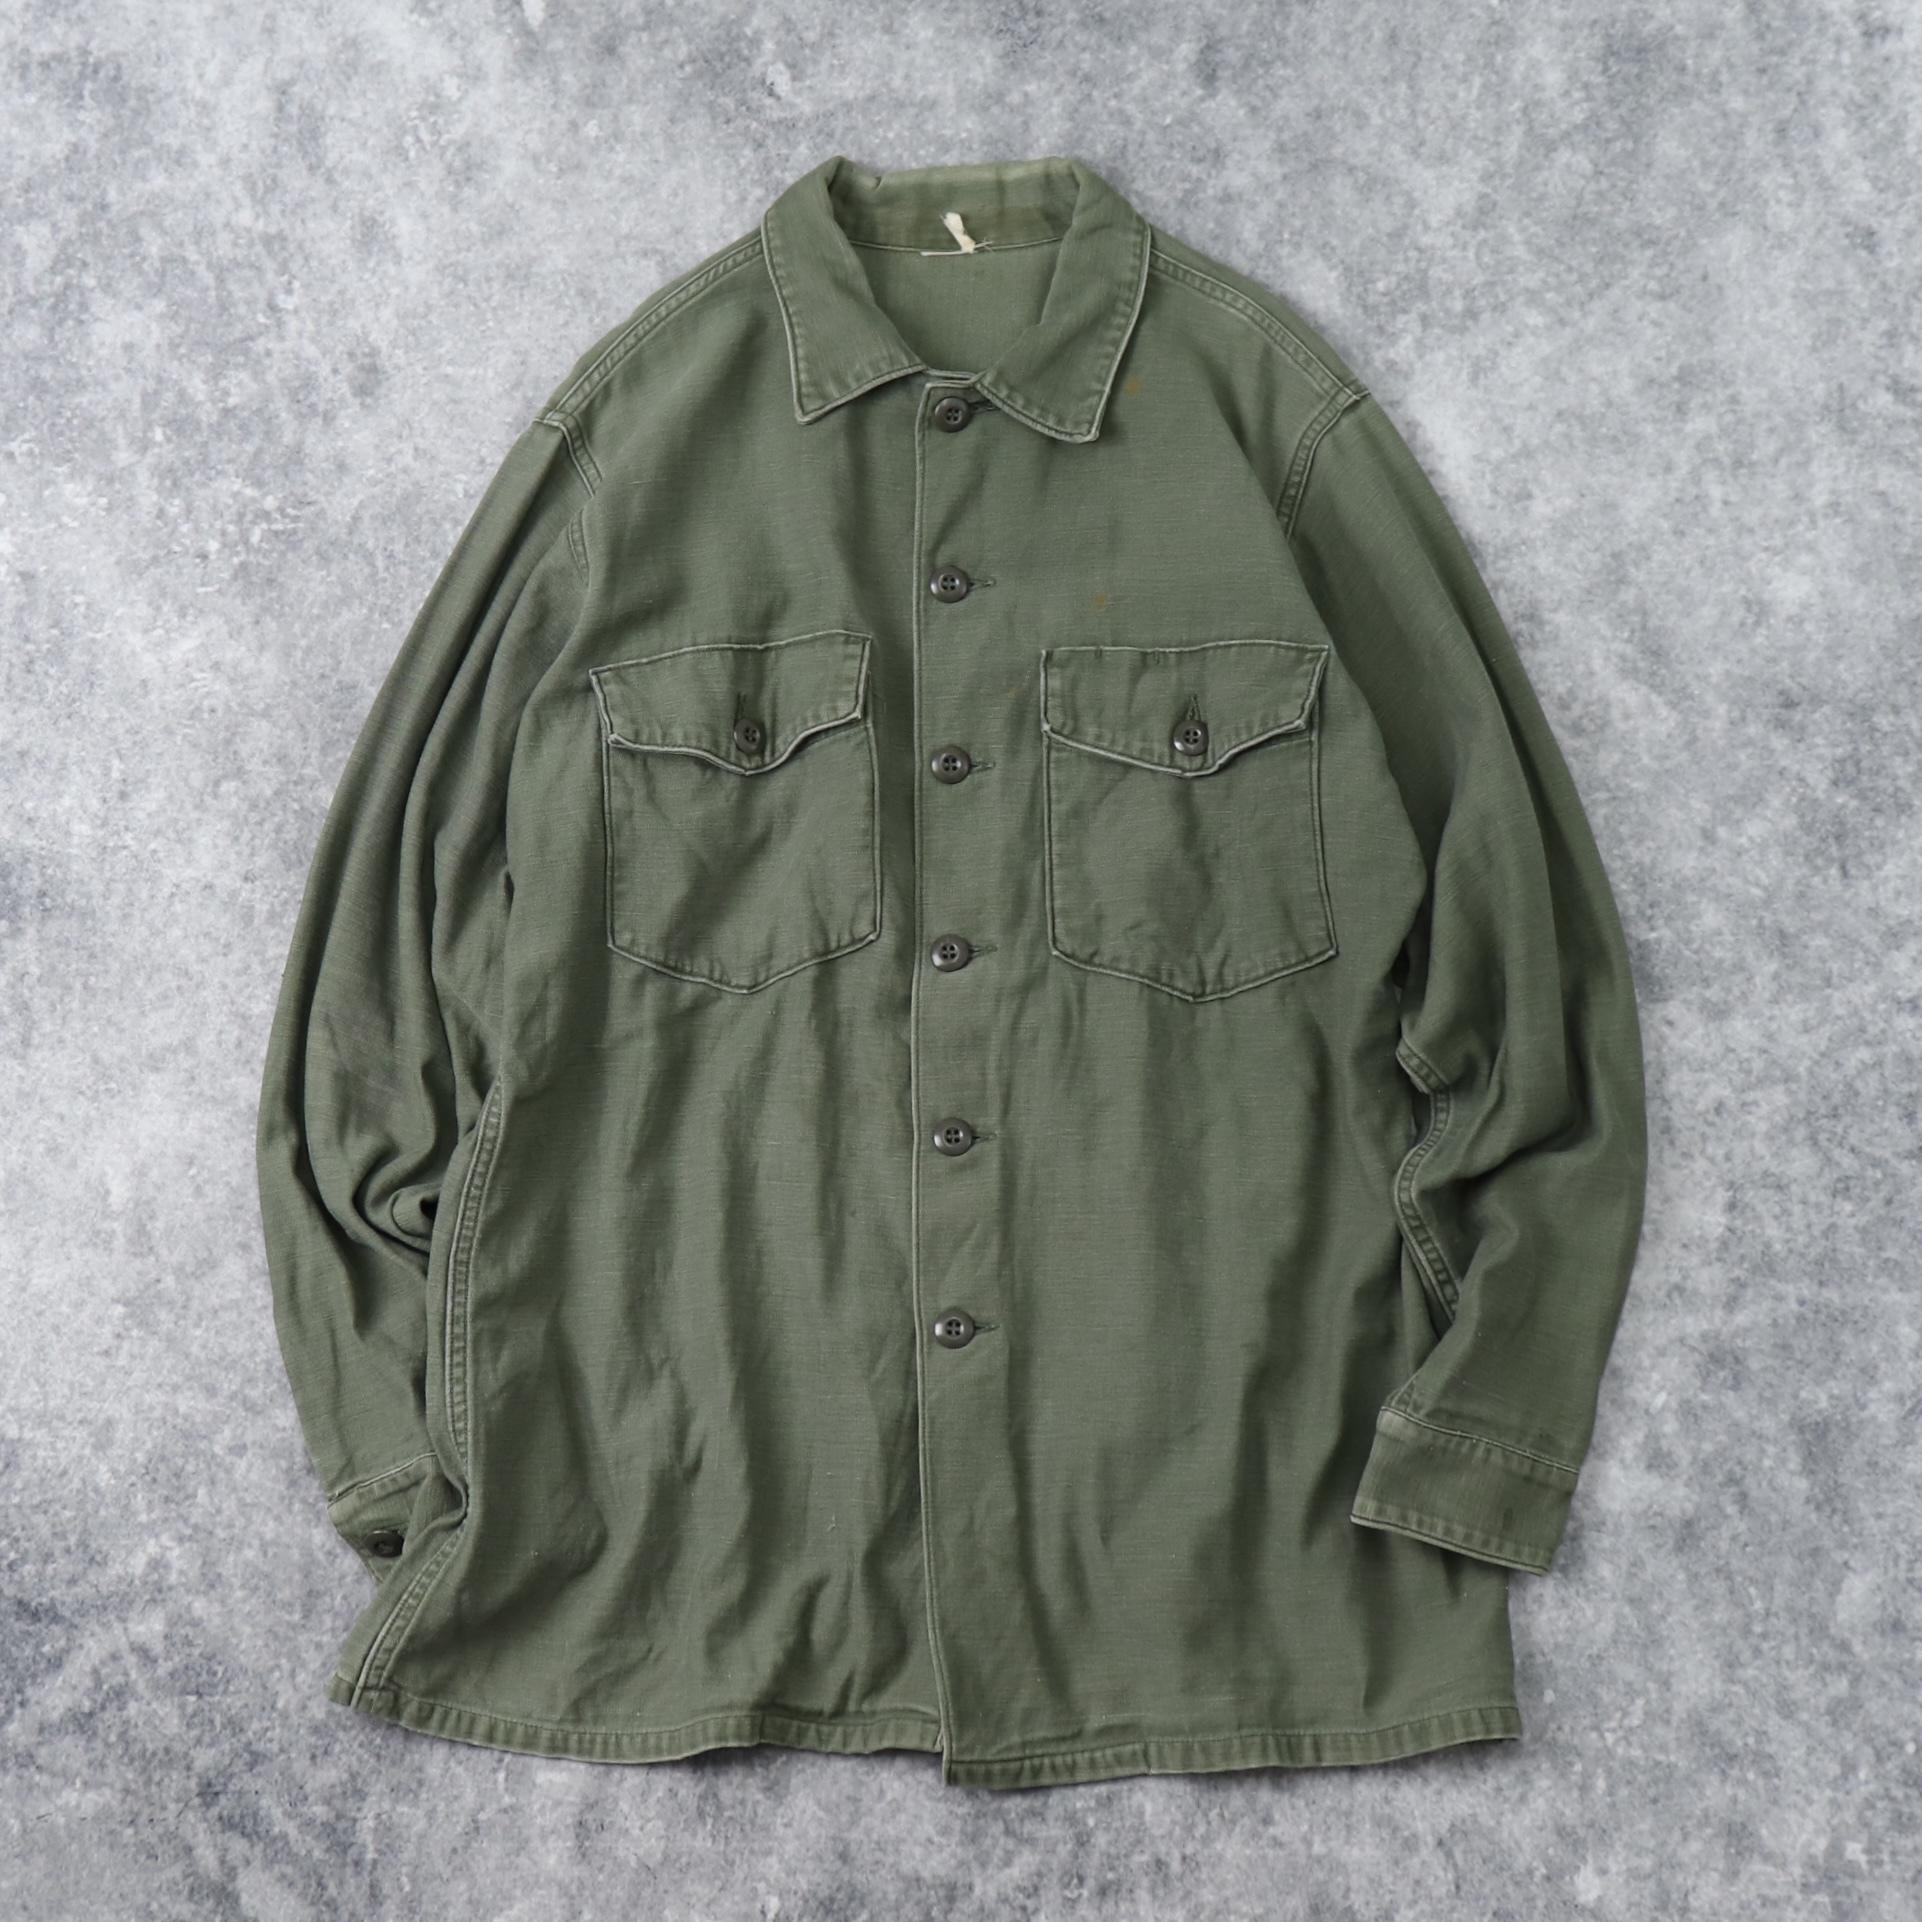 60年代 U.S.ARMY ユーティリティシャツ XL程 ミリタリー 古着 A921